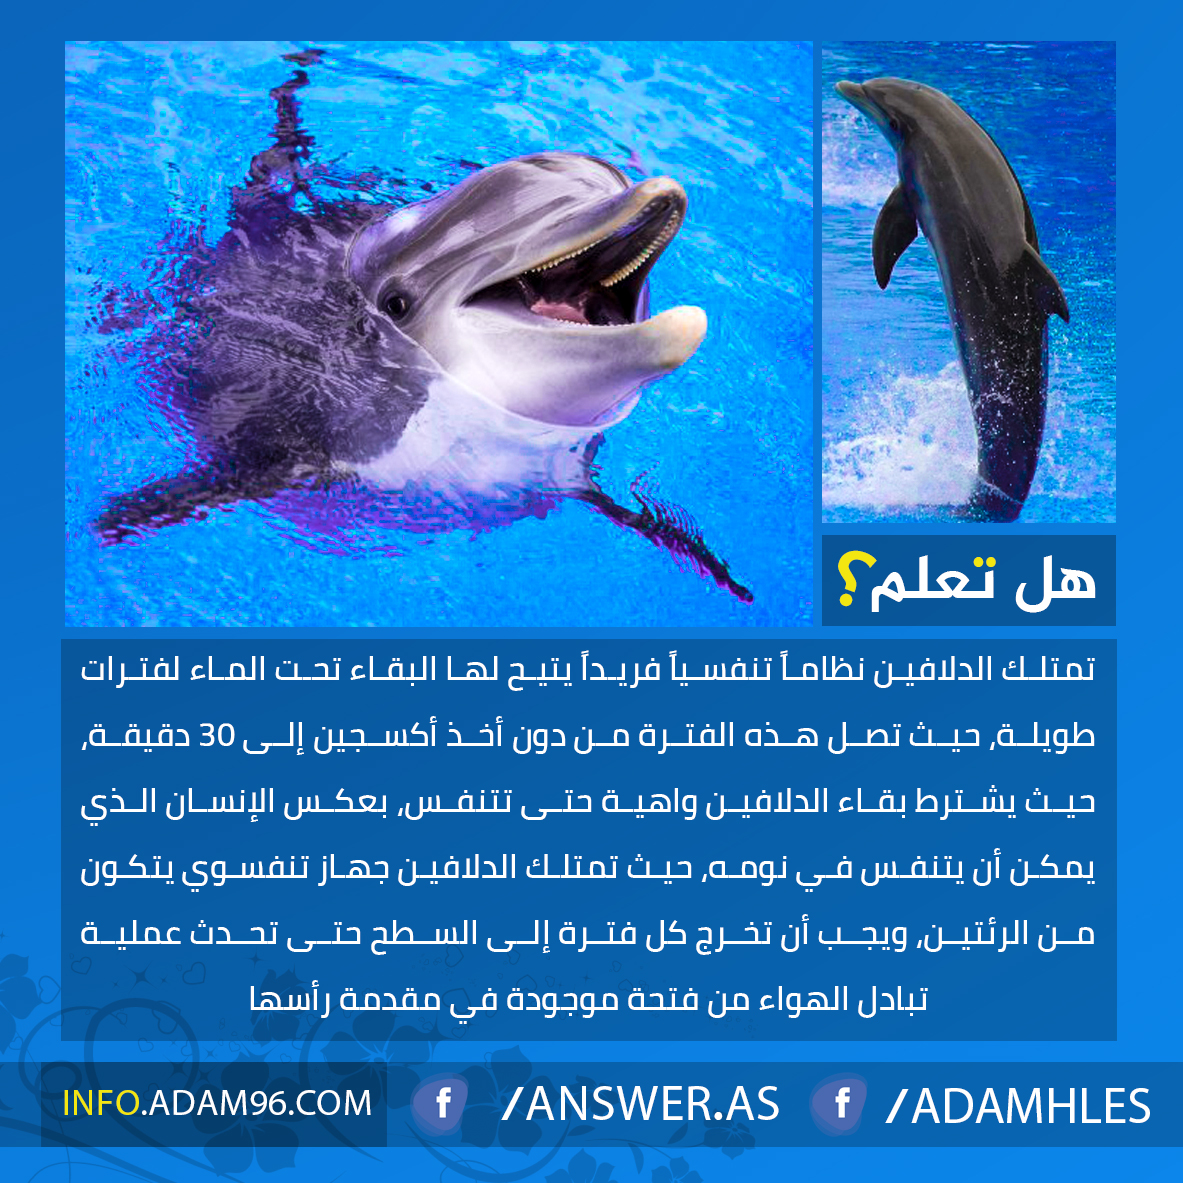 معلومات مدهشة عن الدلافين